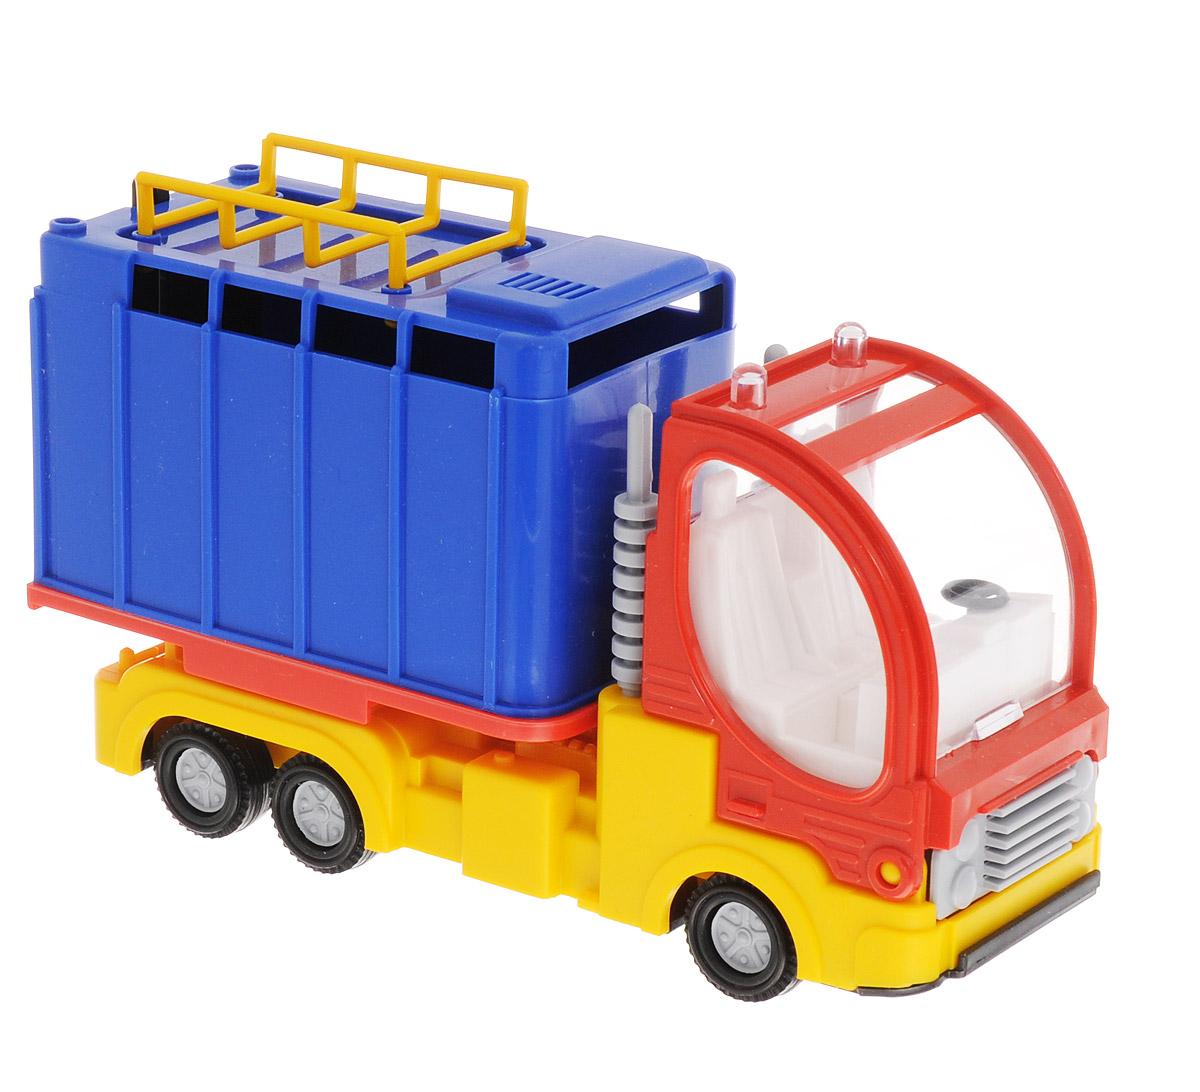 Форма Малый Фургон цвет синийС-41-ФМашинка Малый фургон от бренда Форма станет главным развлечением вашего малыша. Кабина машины откидывается вперед и можно посмотреть моторный отсек. Двери фургона открываются и в него можно положить игрушечный груз. Игрушка создана из материала высокого качества, а ее дизайн напоминает реальную технику. Такая машинка обязательно порадует вашего малыша и станет замечательным подаркам для юного покорителя дорог.